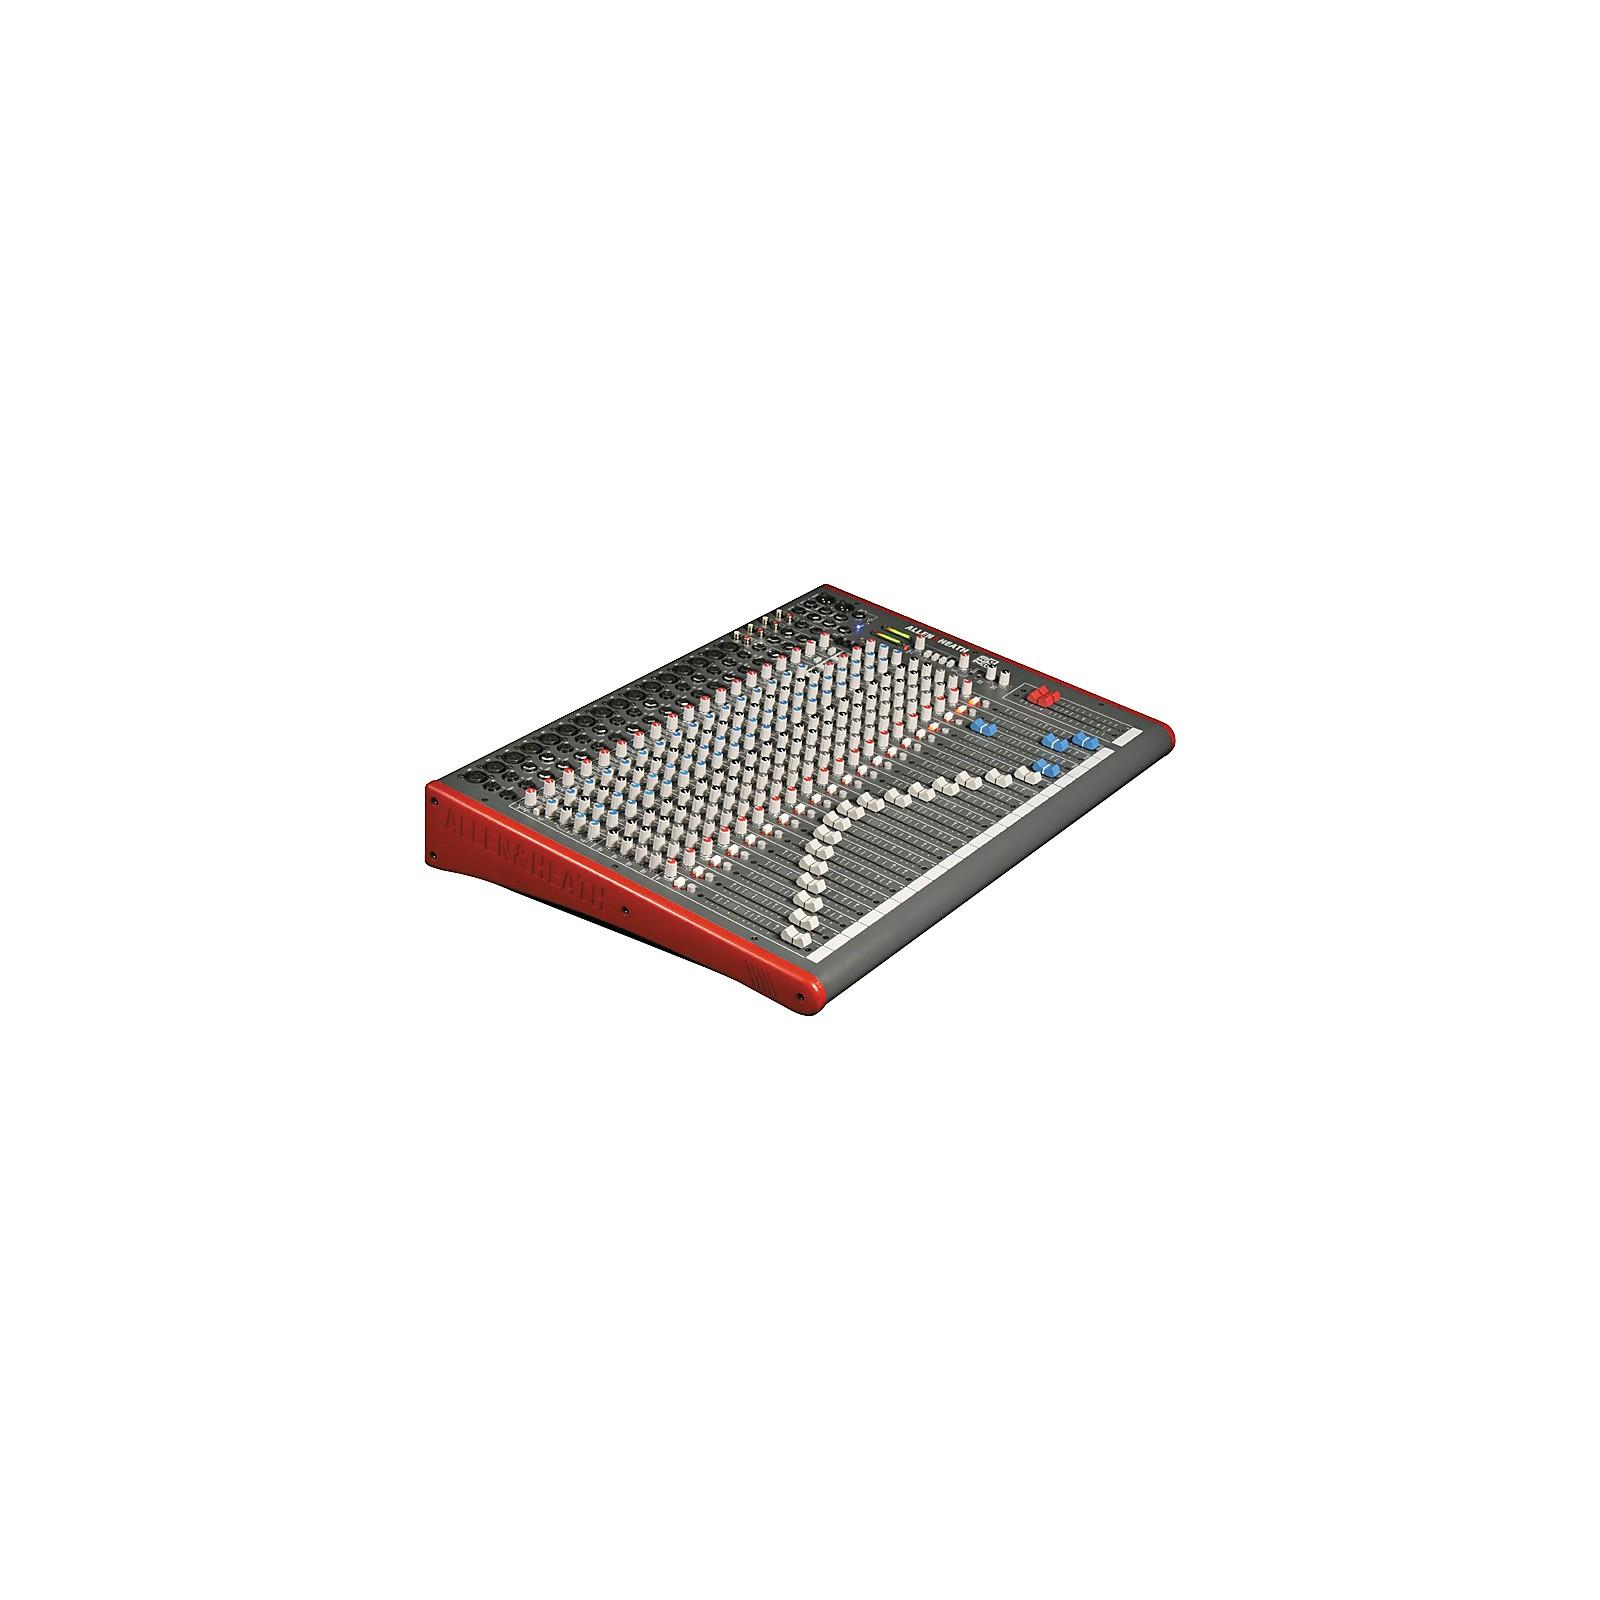 Open Box Allen & Heath ZED-24 Mixer